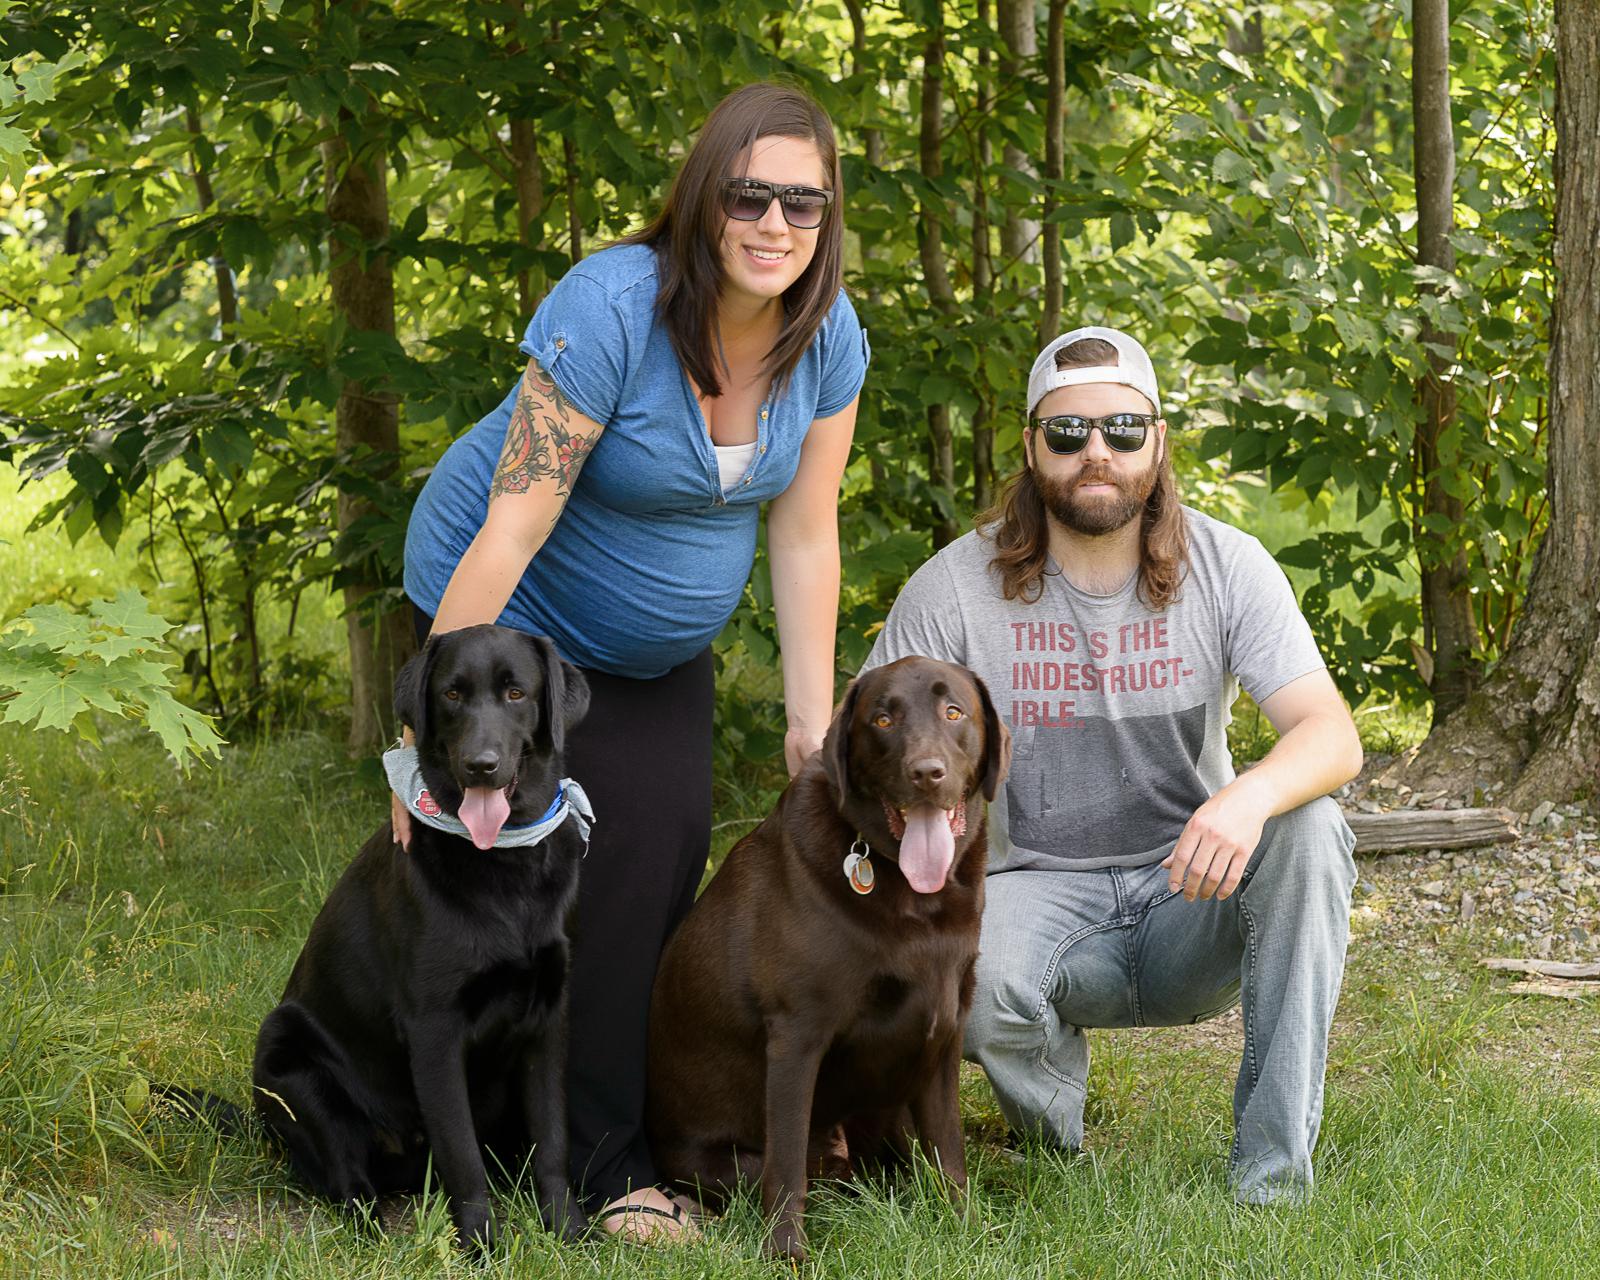 Marie-Hélène, Luc en compagnie de Théo et Sammy, les deux labradors de mon frère.